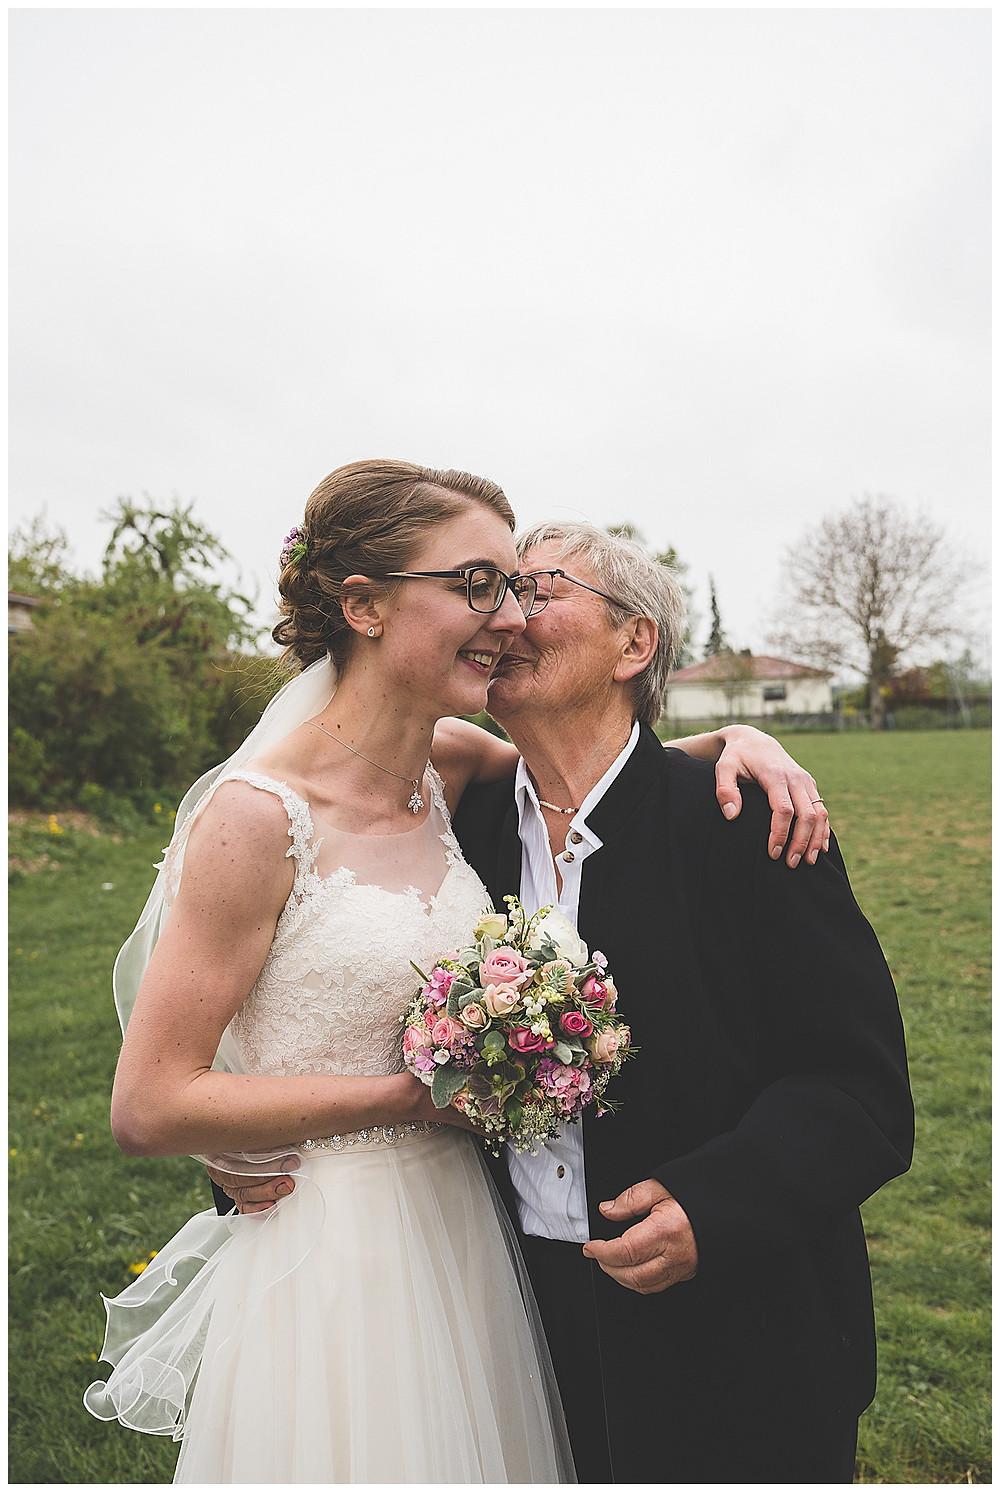 Oma küsst Braut an Hochzeit